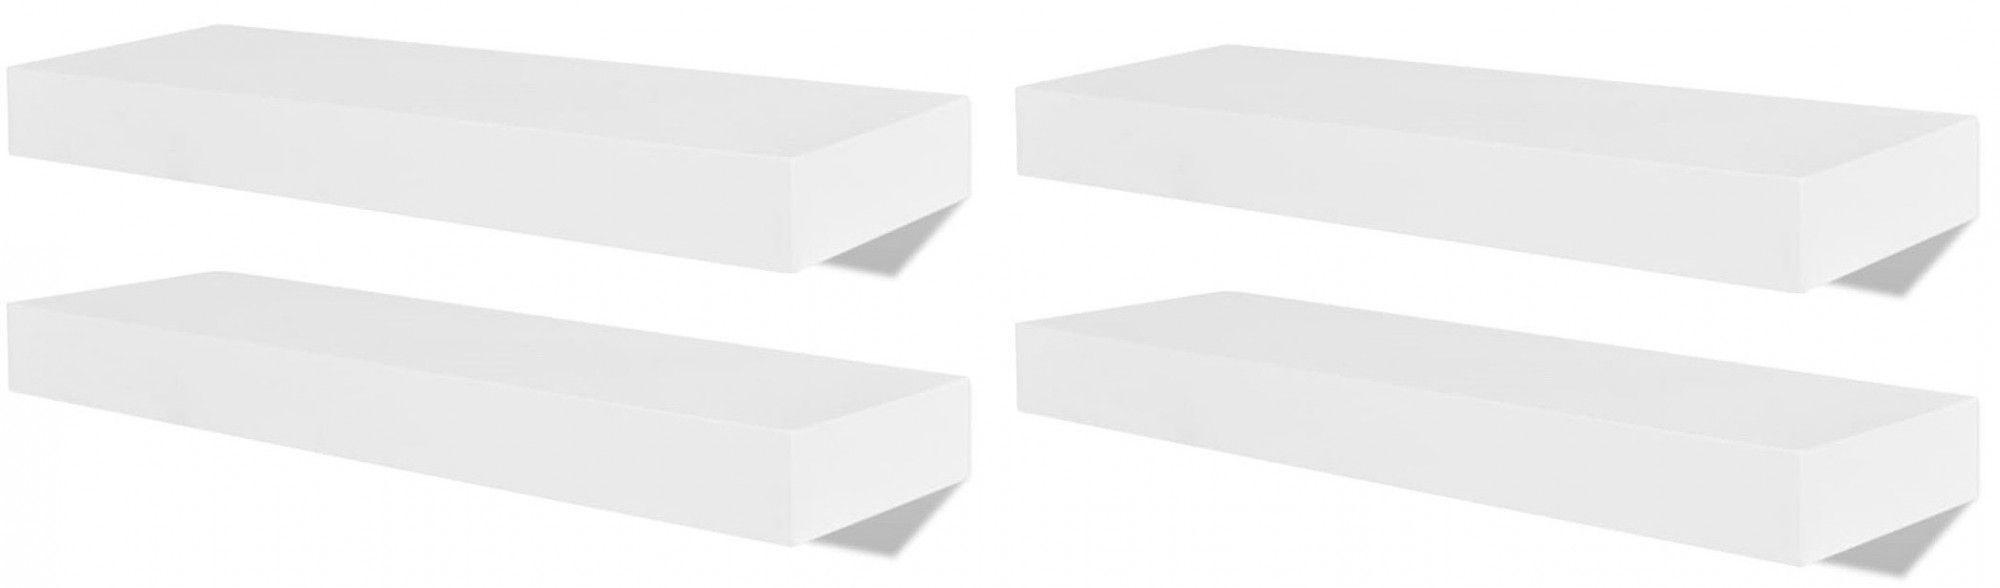 Zestaw nowoczesnych półek ściennych Nera - biały